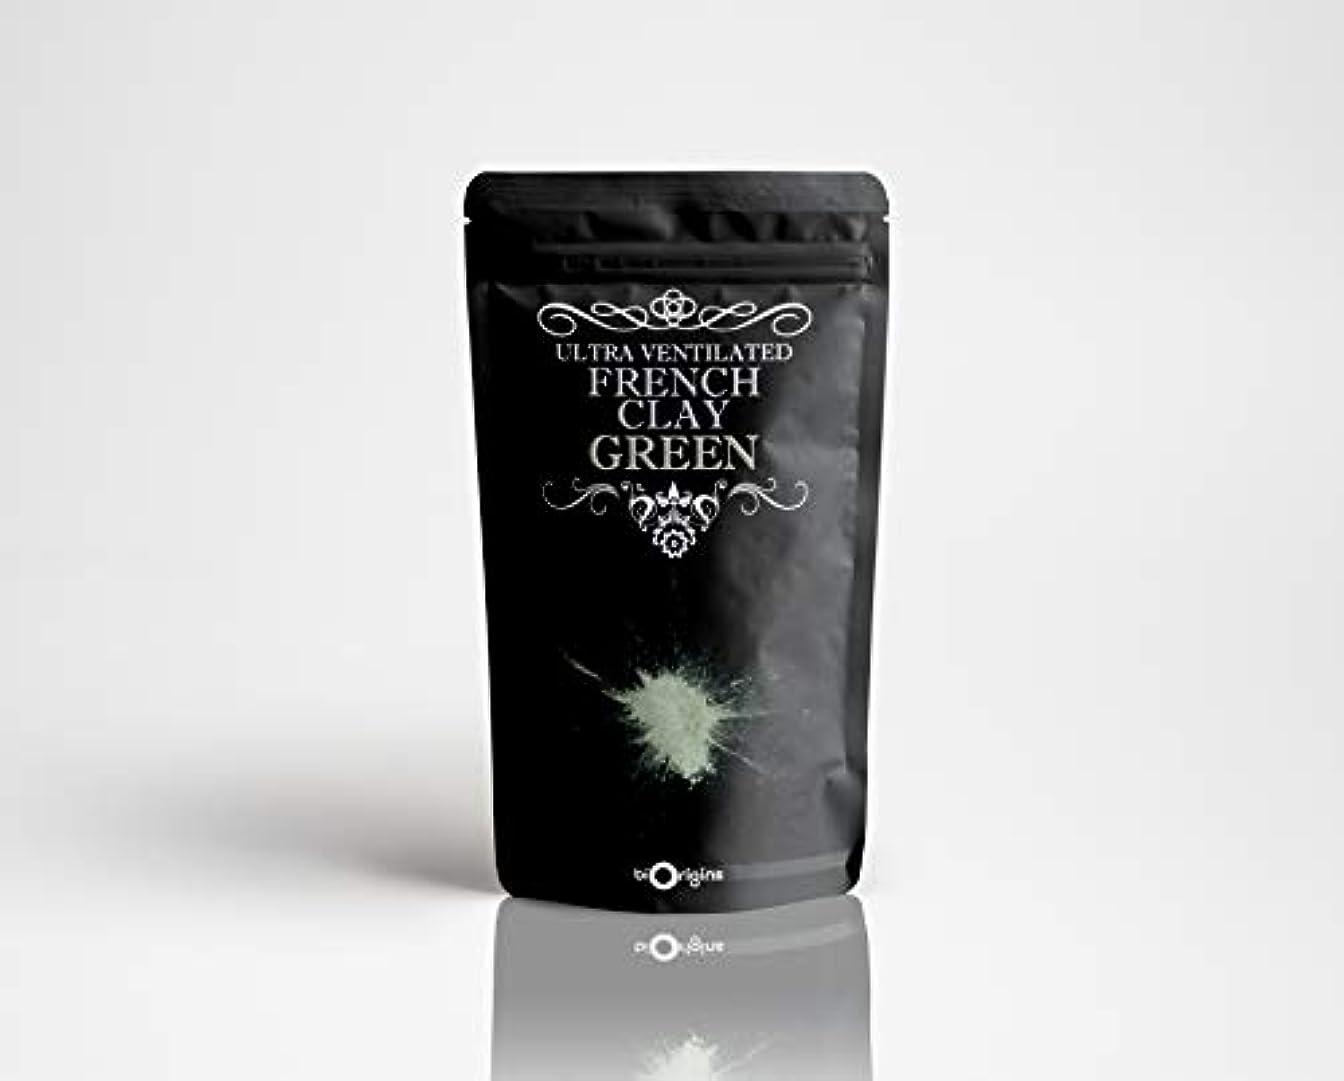 休眠おもてなしノーブルGreen Ultra Ventilated French Clay - 100g